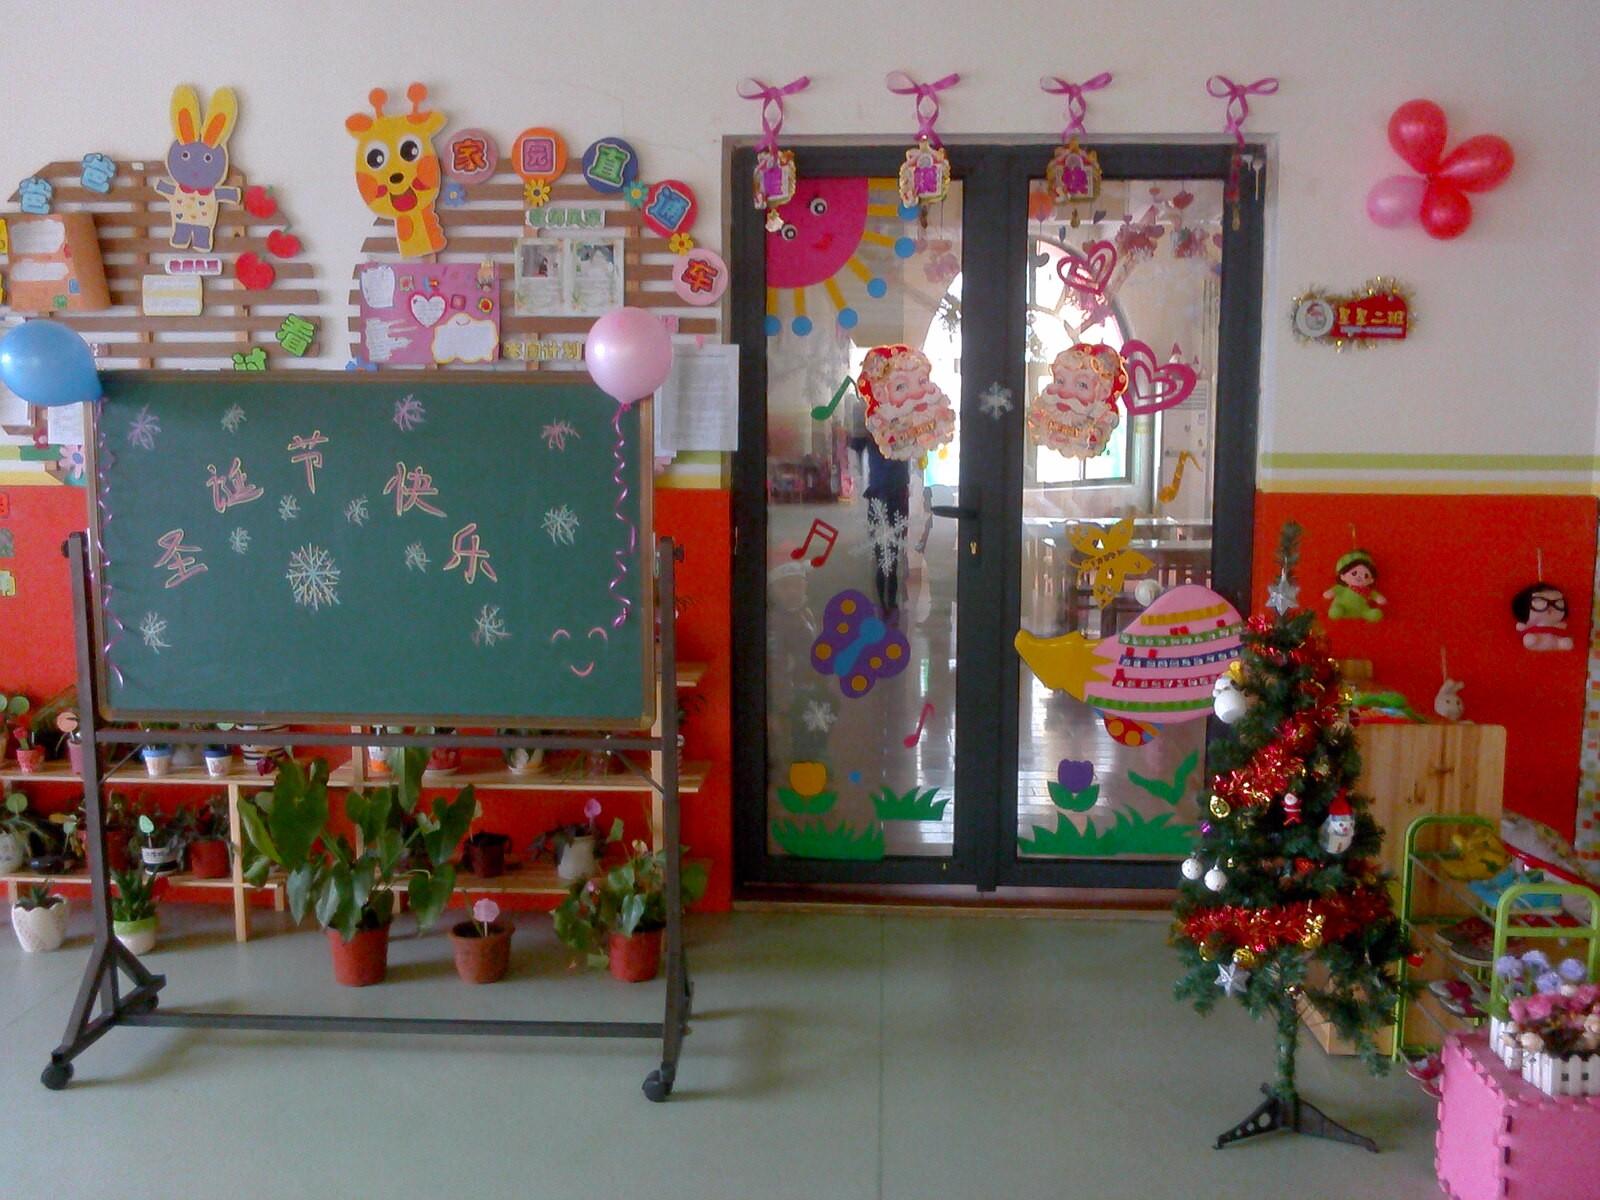 幼儿园圣诞装饰_幼儿园圣诞节教室布置图片大全_有途教育